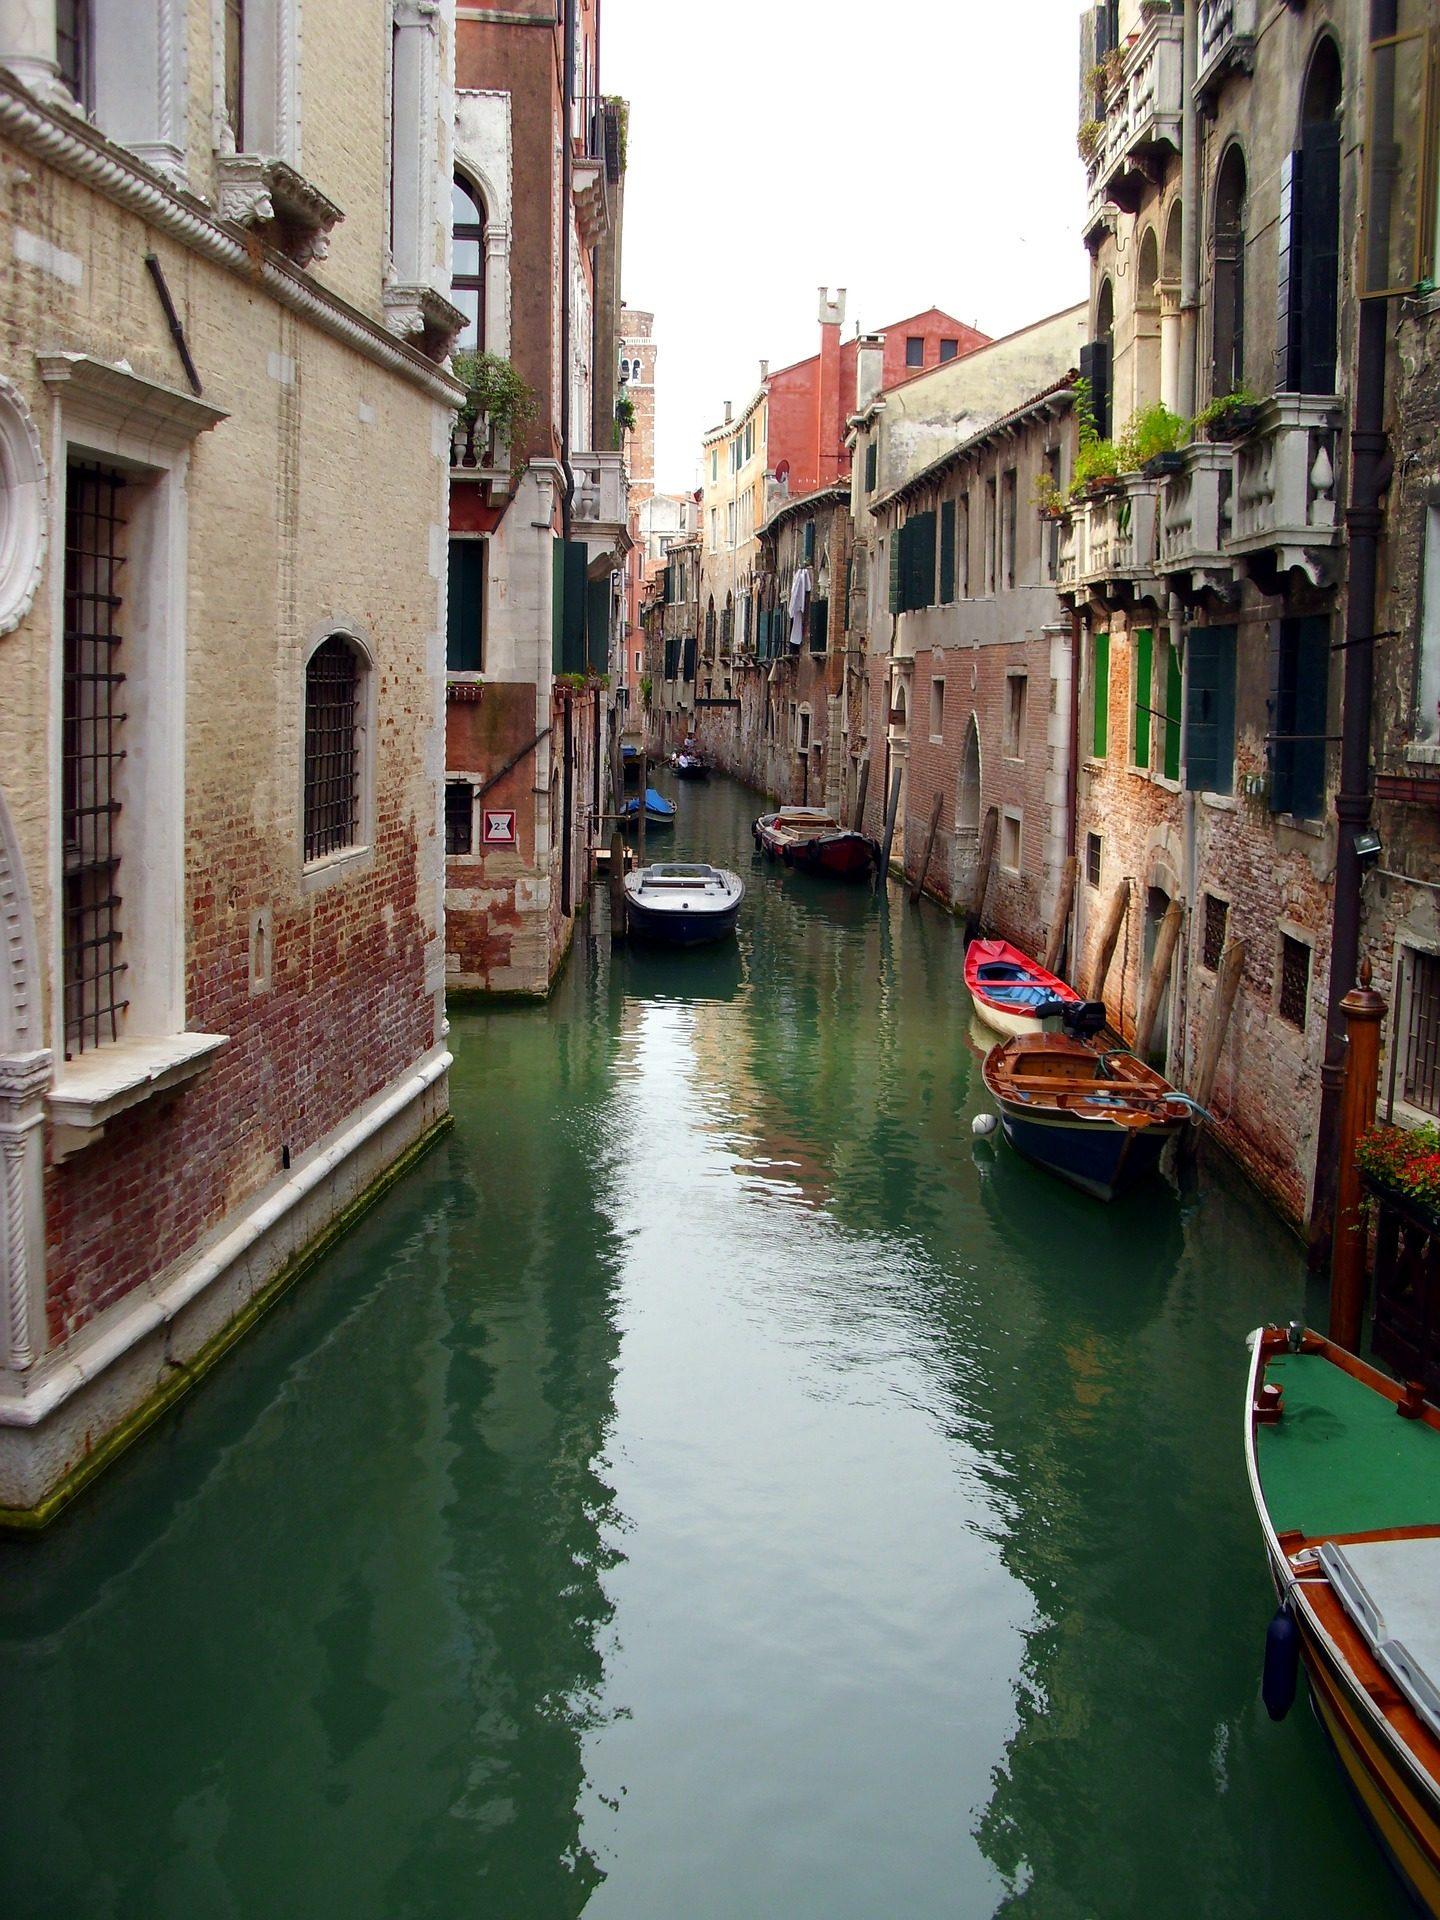 通道, 小船, 水, 威尼斯, 意大利 - 高清壁纸 - 教授-falken.com